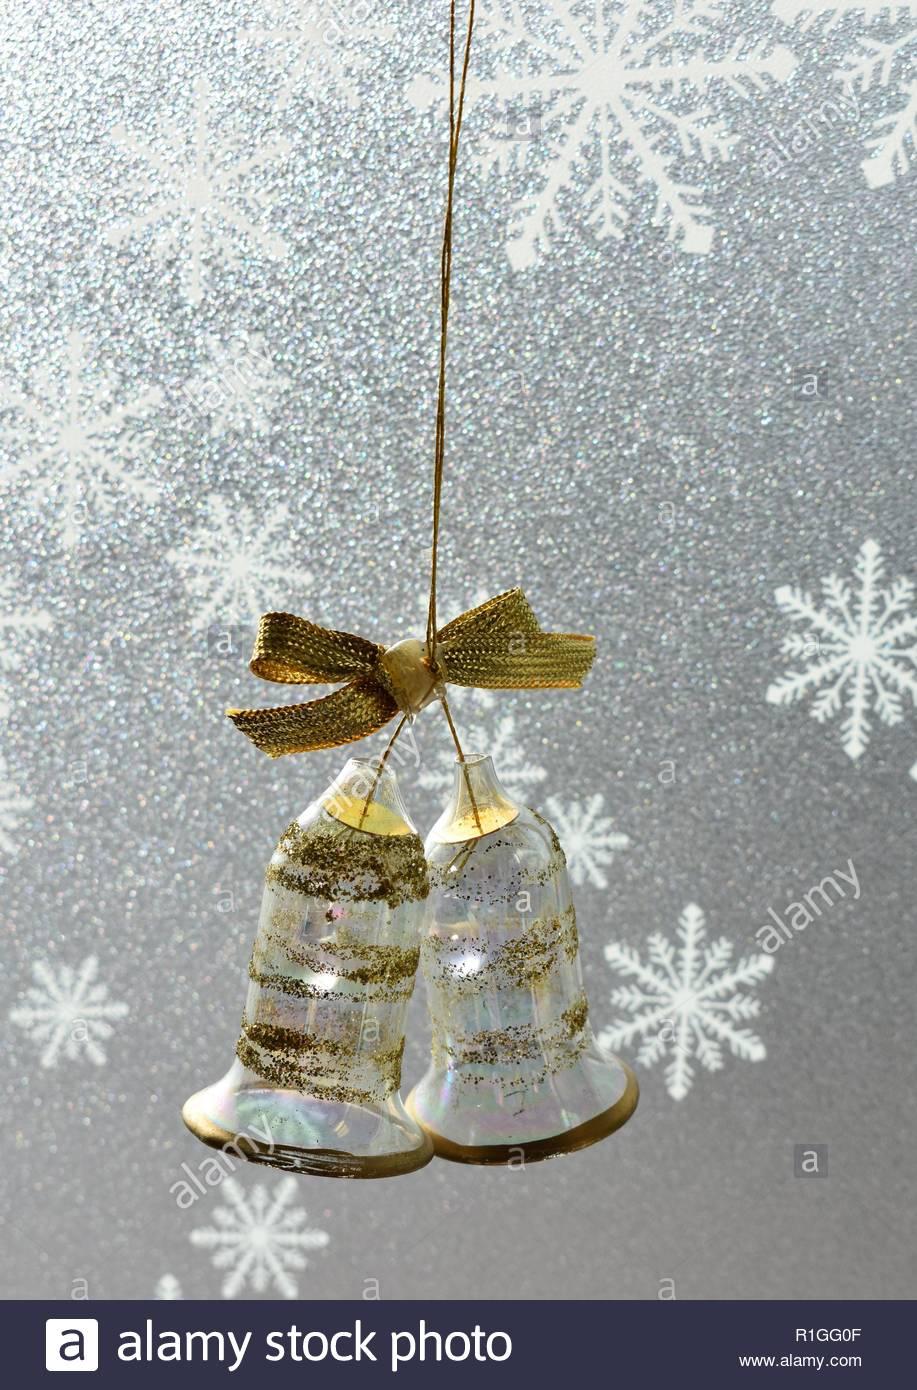 Christbaumschmuck Gold Glas Glocken Auf Schneeflocke Hintergrund